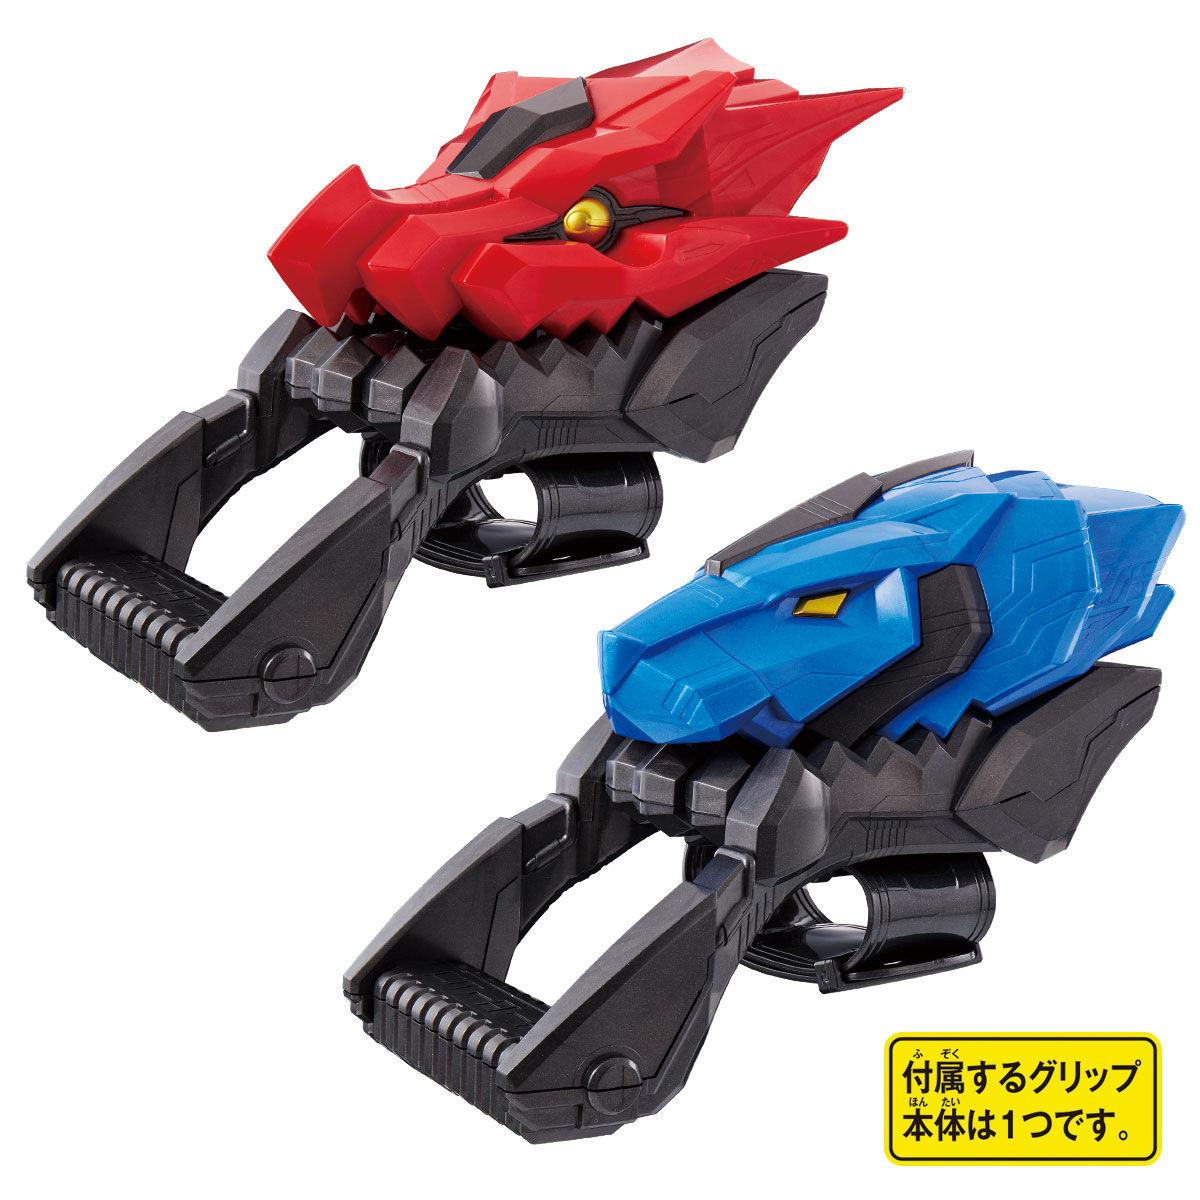 仮面ライダーセイバー『DXドラゴニックブースター&キングライオンブースター』変身なりきり-001